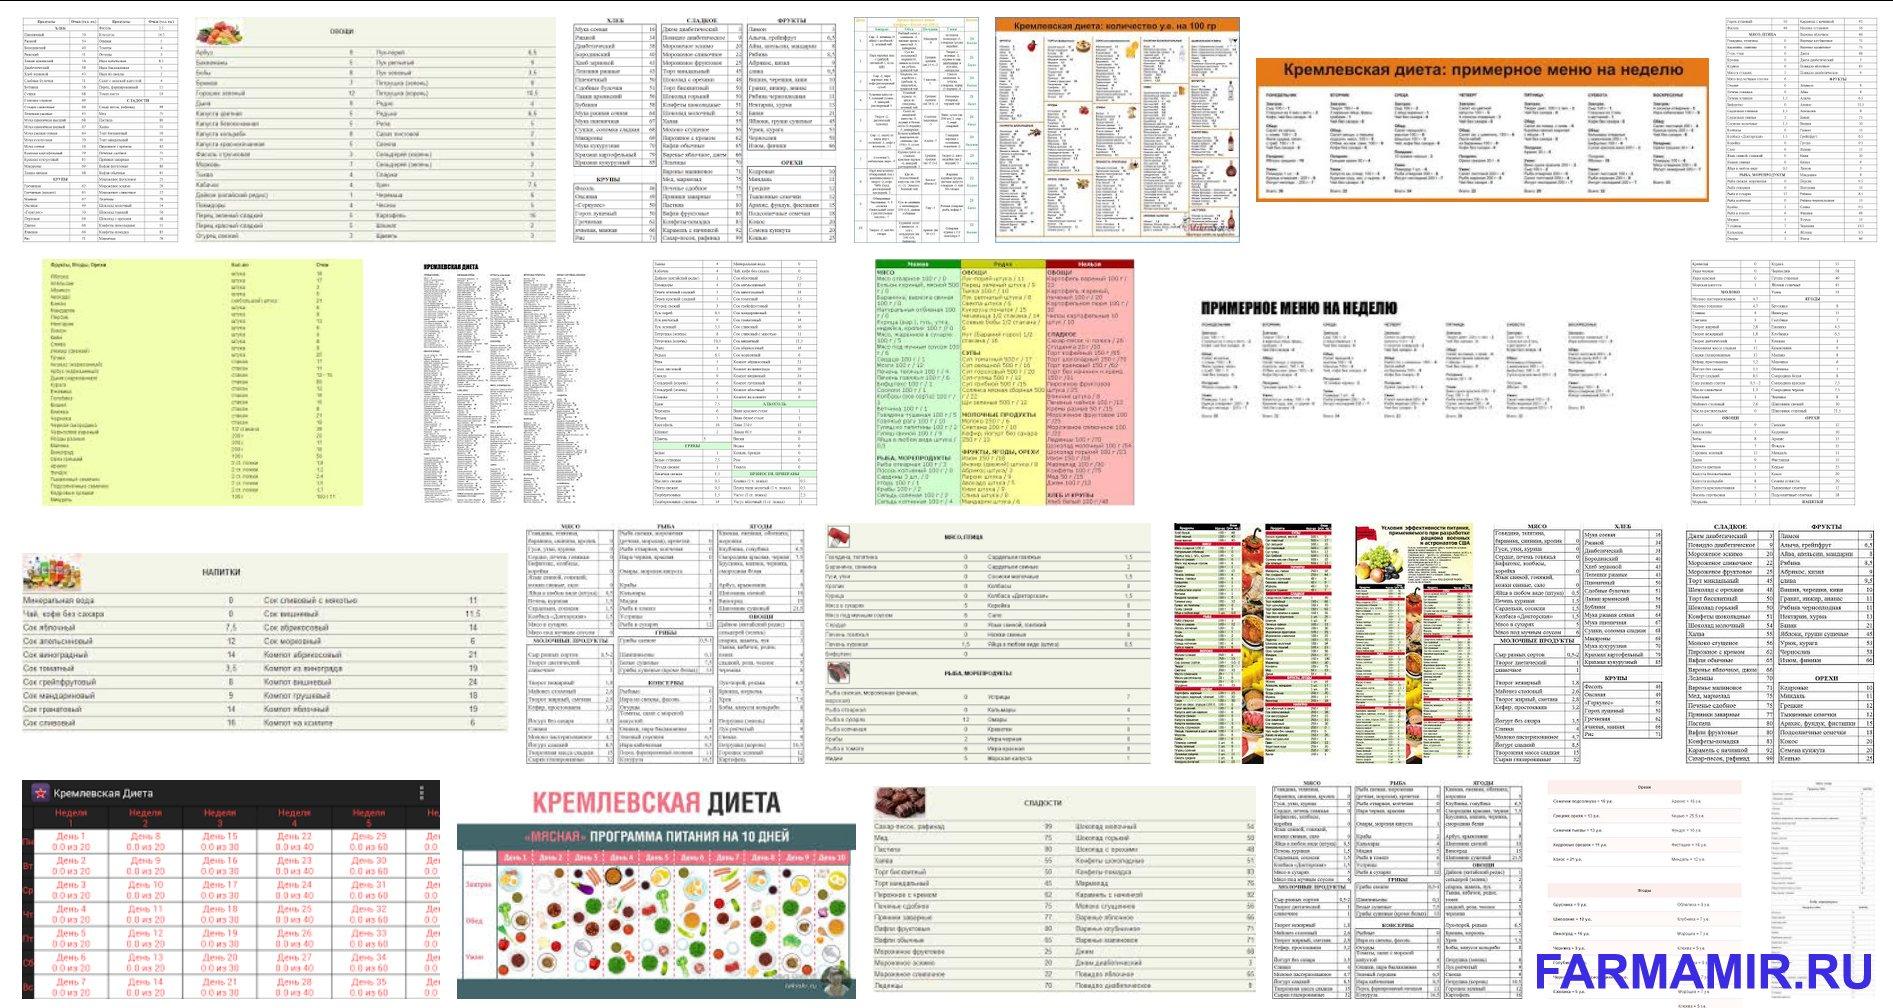 таблица кремлевской диеты